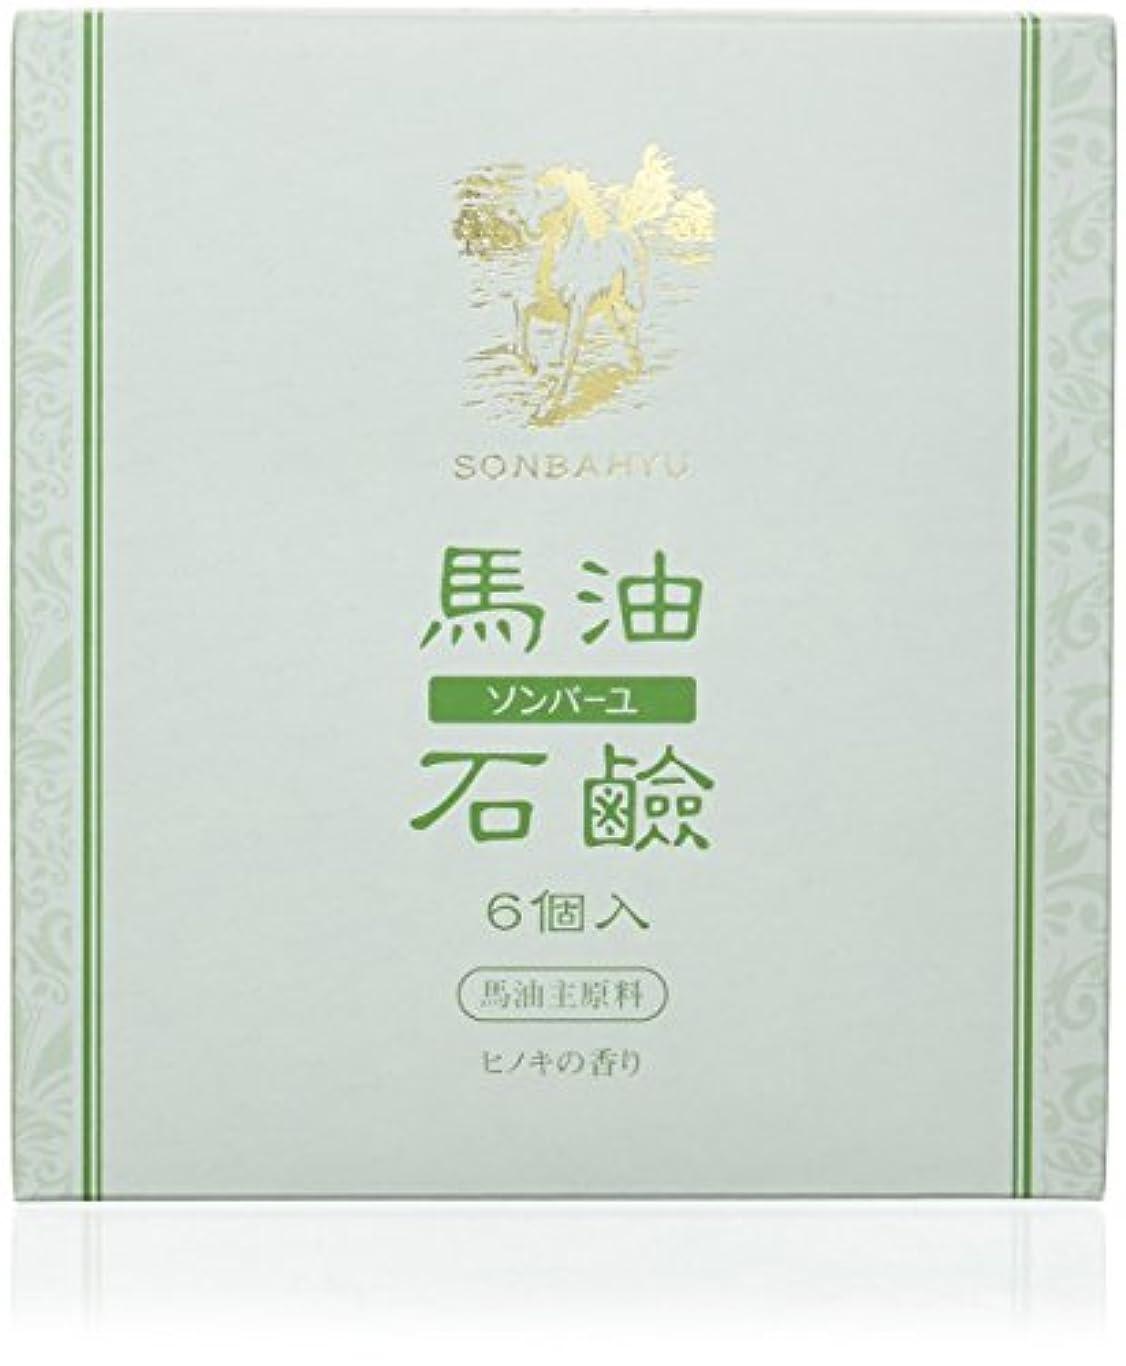 仲間、同僚帝国津波ソンバーユ石鹸 85g×6個 ヒノキの香り